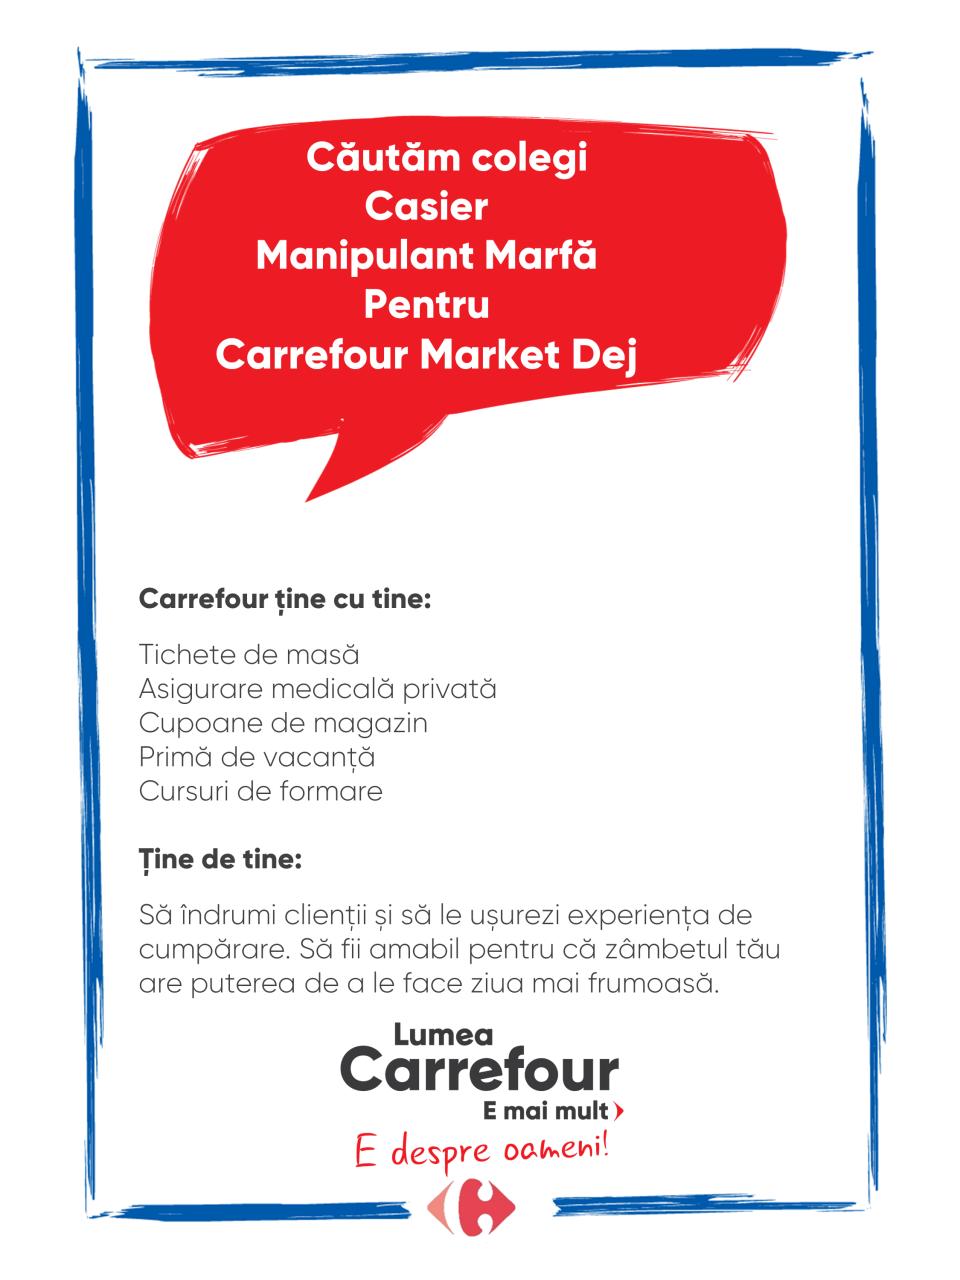 Carrefour ține cu tine:  Tichete de masă Asigurare medicală privată Cupoane de magazin Primă de vacanță Cursuri de formare   Ține de tine:  Să îndrumi clienții și să le ușurezi experiența de cumpărare. Să fii amabil pentru că zâmbetul tău are puterea de a le face ziua mai frumoasă.   casier lucrator comercial manipulant marfa vanzator lucrator universal  casa de marcat operator vanzari  Carrefour ține cu tine:  Tichete de masă Asigurare medicală privată Cupoane de magazin Primă de vacanță Cursuri de formare   Ține de tine:  Să îndrumi clienții și să le ușurezi experiența de cumpărare. Să fii amabil pentru că zâmbetul tău are puterea de a le face ziua mai frumoasă. Lumea Carrefour e mai mult. E despre oameni!Lumea noastră? E despre prietenia fără vârstă și bucuria de a fi buni în ceea ce facem. Despre diversitatea meseriilor, dar mai ales despre diversitatea membrilor unei mari familii. Despre emoția primului job și satisfacția pe care o avem când suntem de ajutor.Fiecare dintre noi avem trăsături care ne fac să fim unici și valoroși. Suntem diferiți și în același timp suntem la fel ca toți românii: vrem să fim liberi, să alegem, să ne exprimăm punctul de vedere, să ne simțim bine.